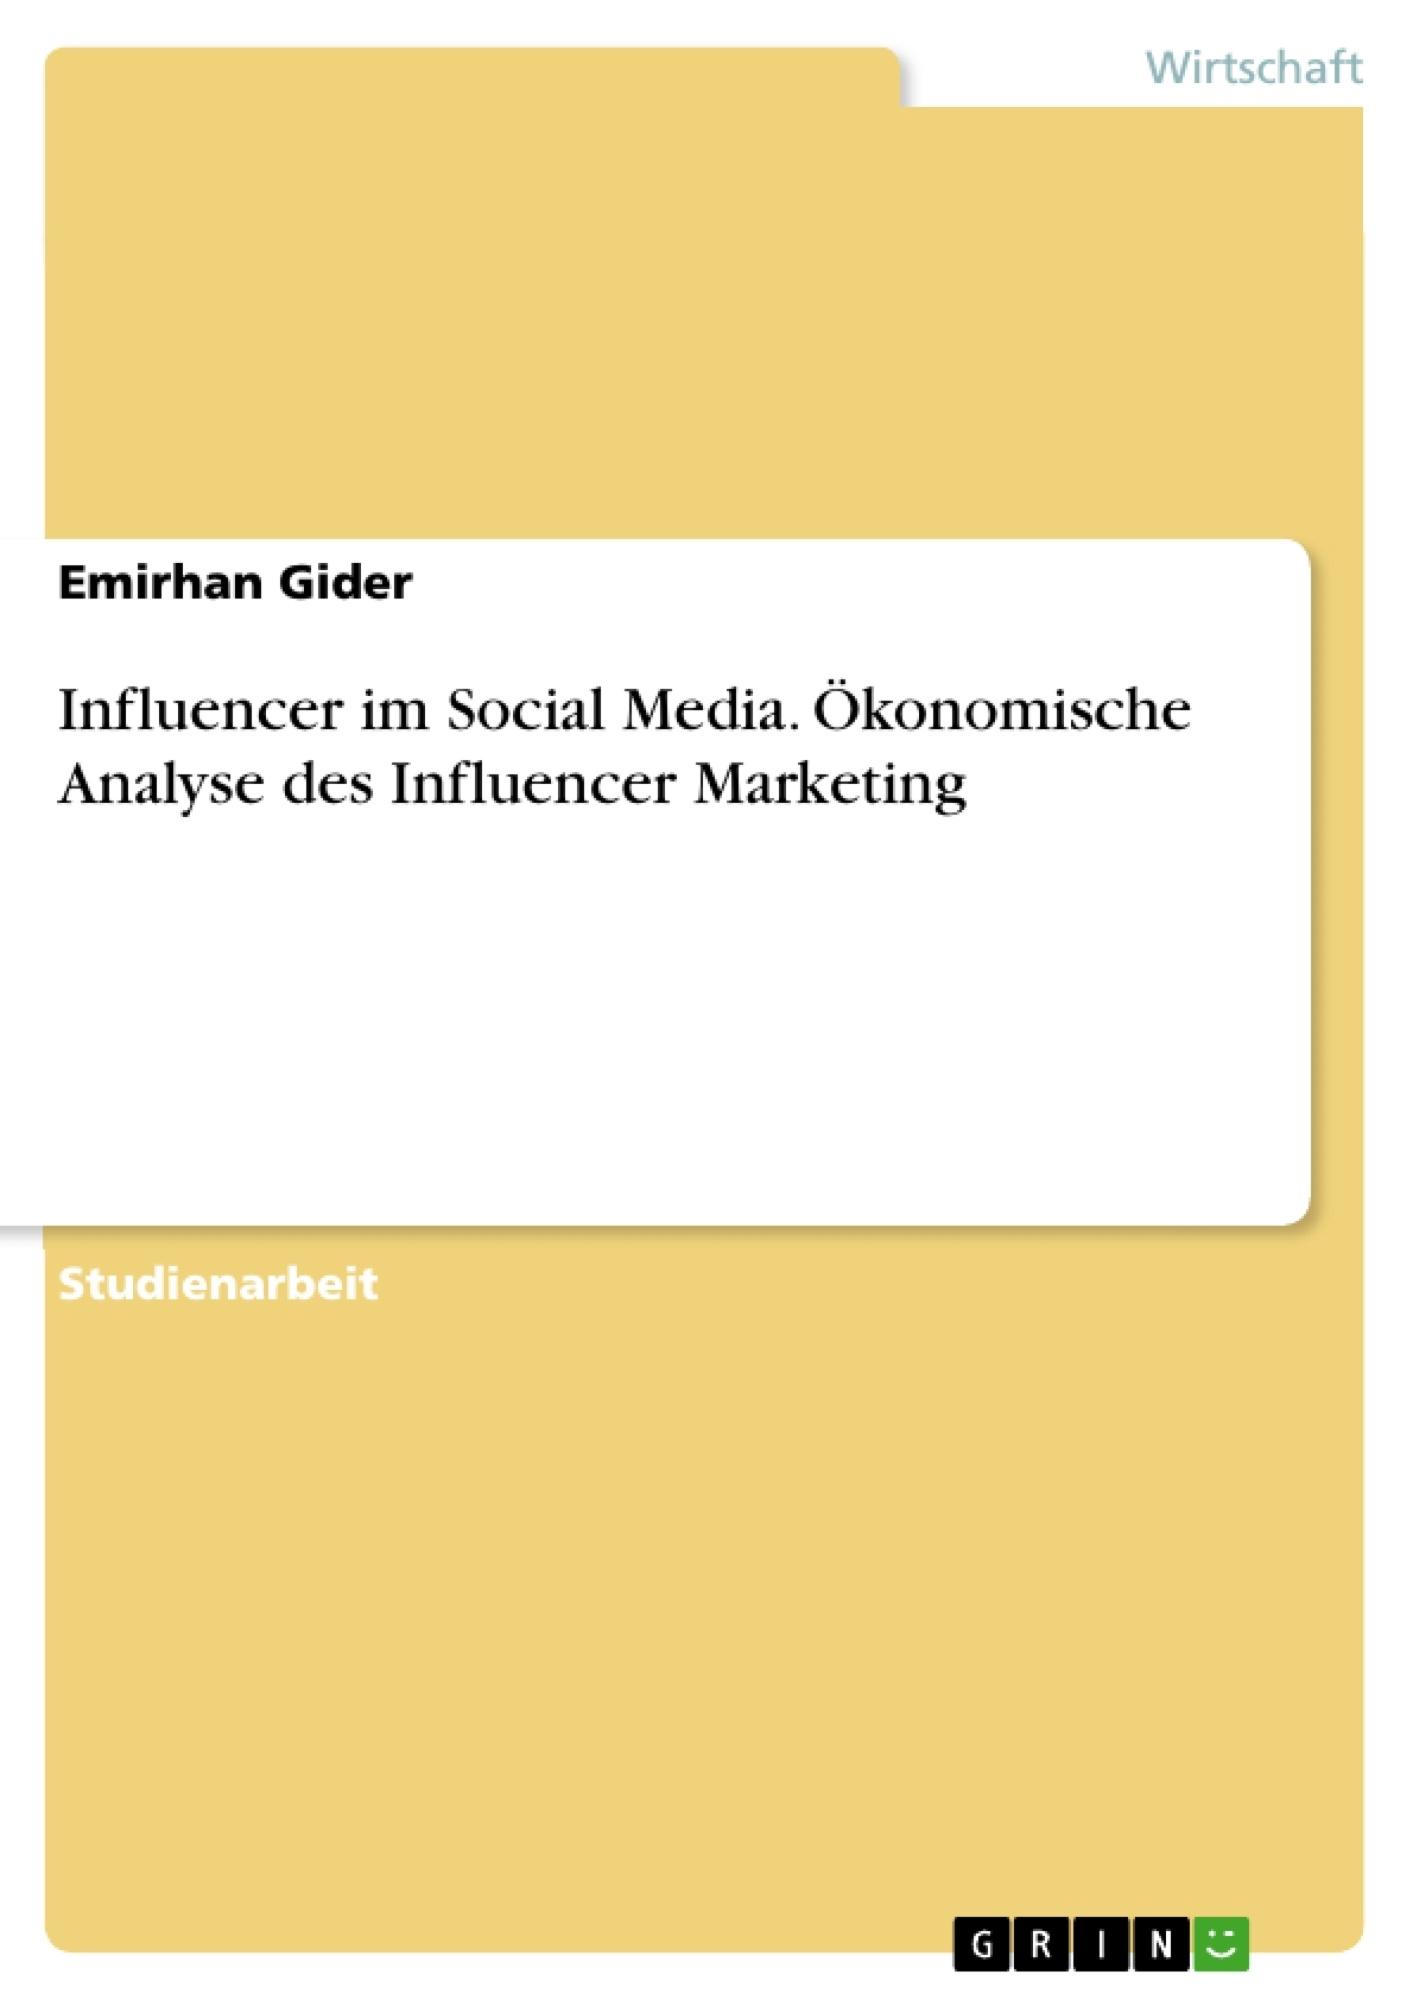 Titel: Influencer im Social Media. Ökonomische Analyse des Influencer Marketing